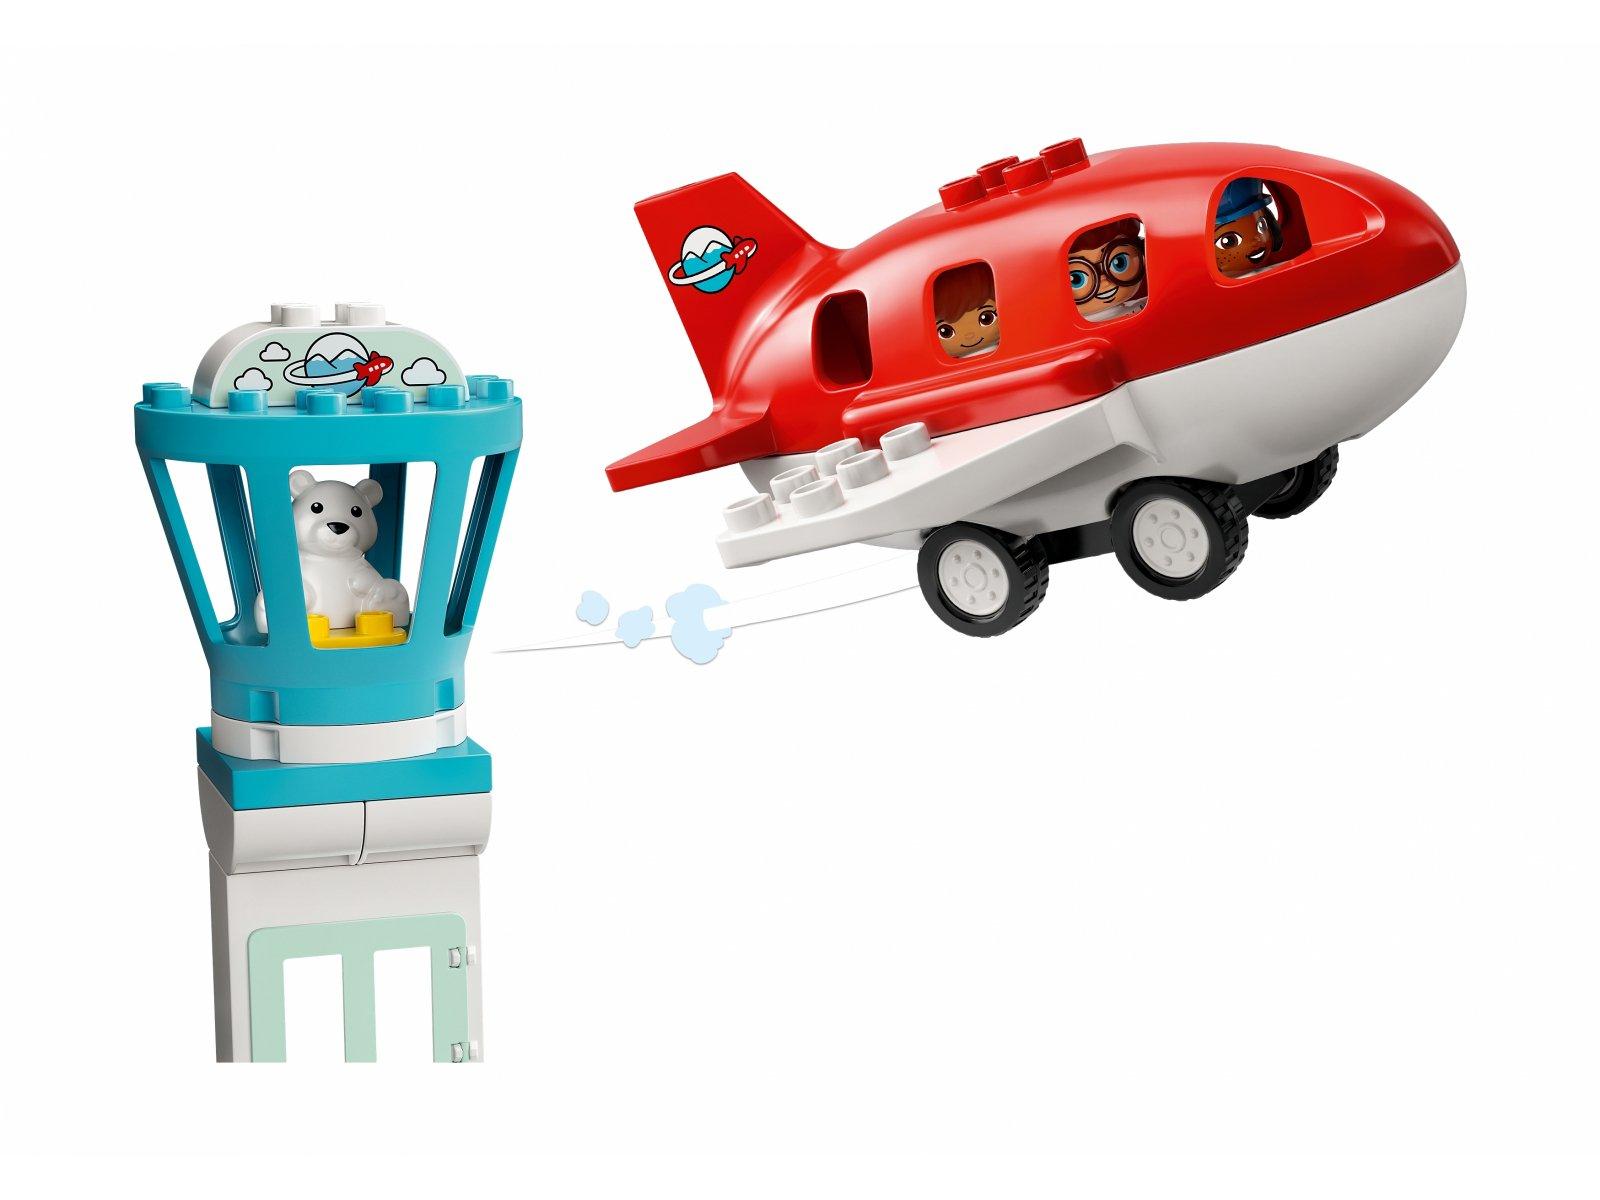 LEGO Duplo 10961 Samolot i lotnisko